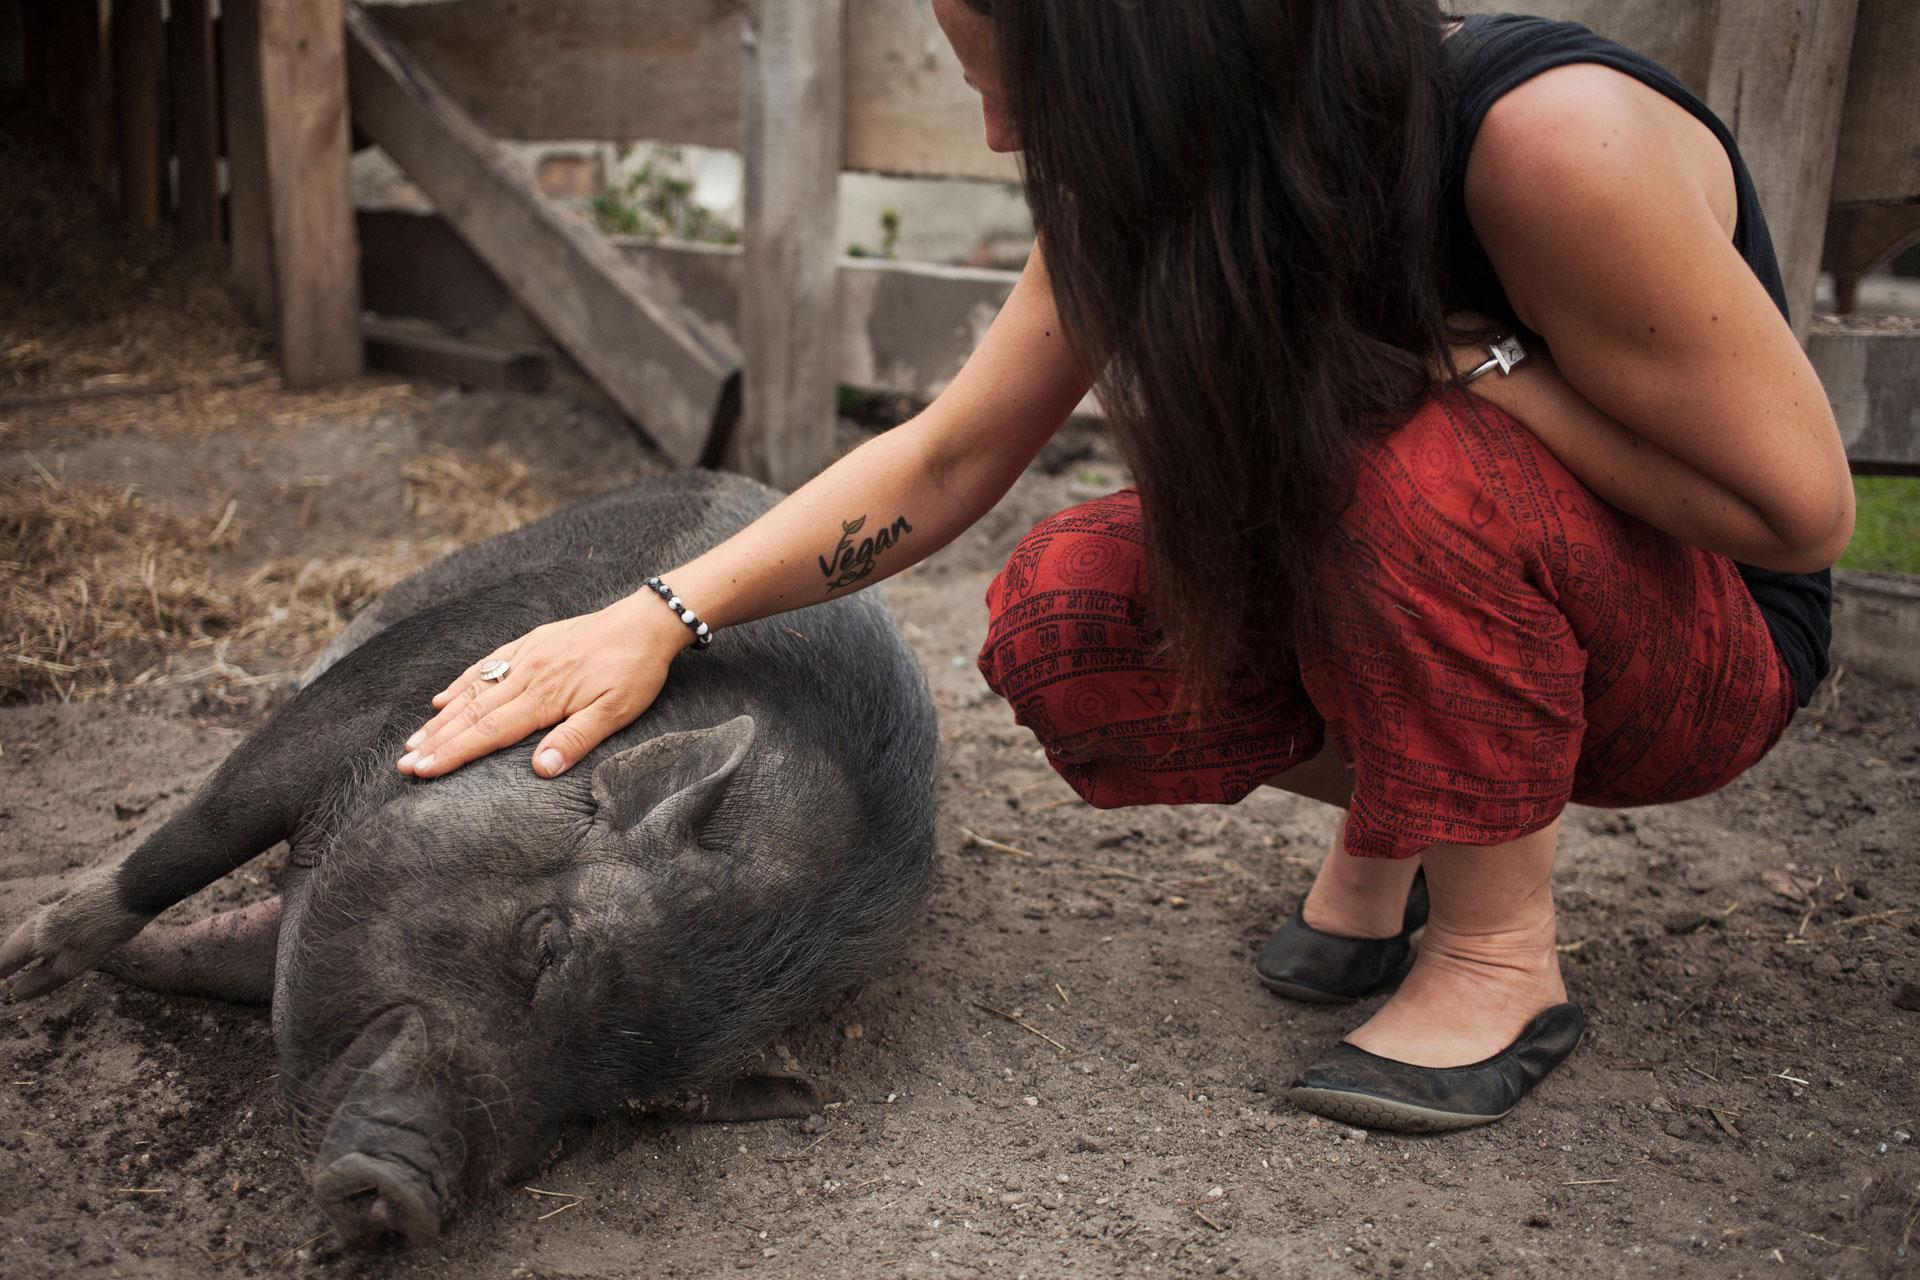 timo-stammberger-photography-fotografie-animal-rights-tierrechte-wildschwein-boar-streichen-pet-vegan-tattoo-compassion